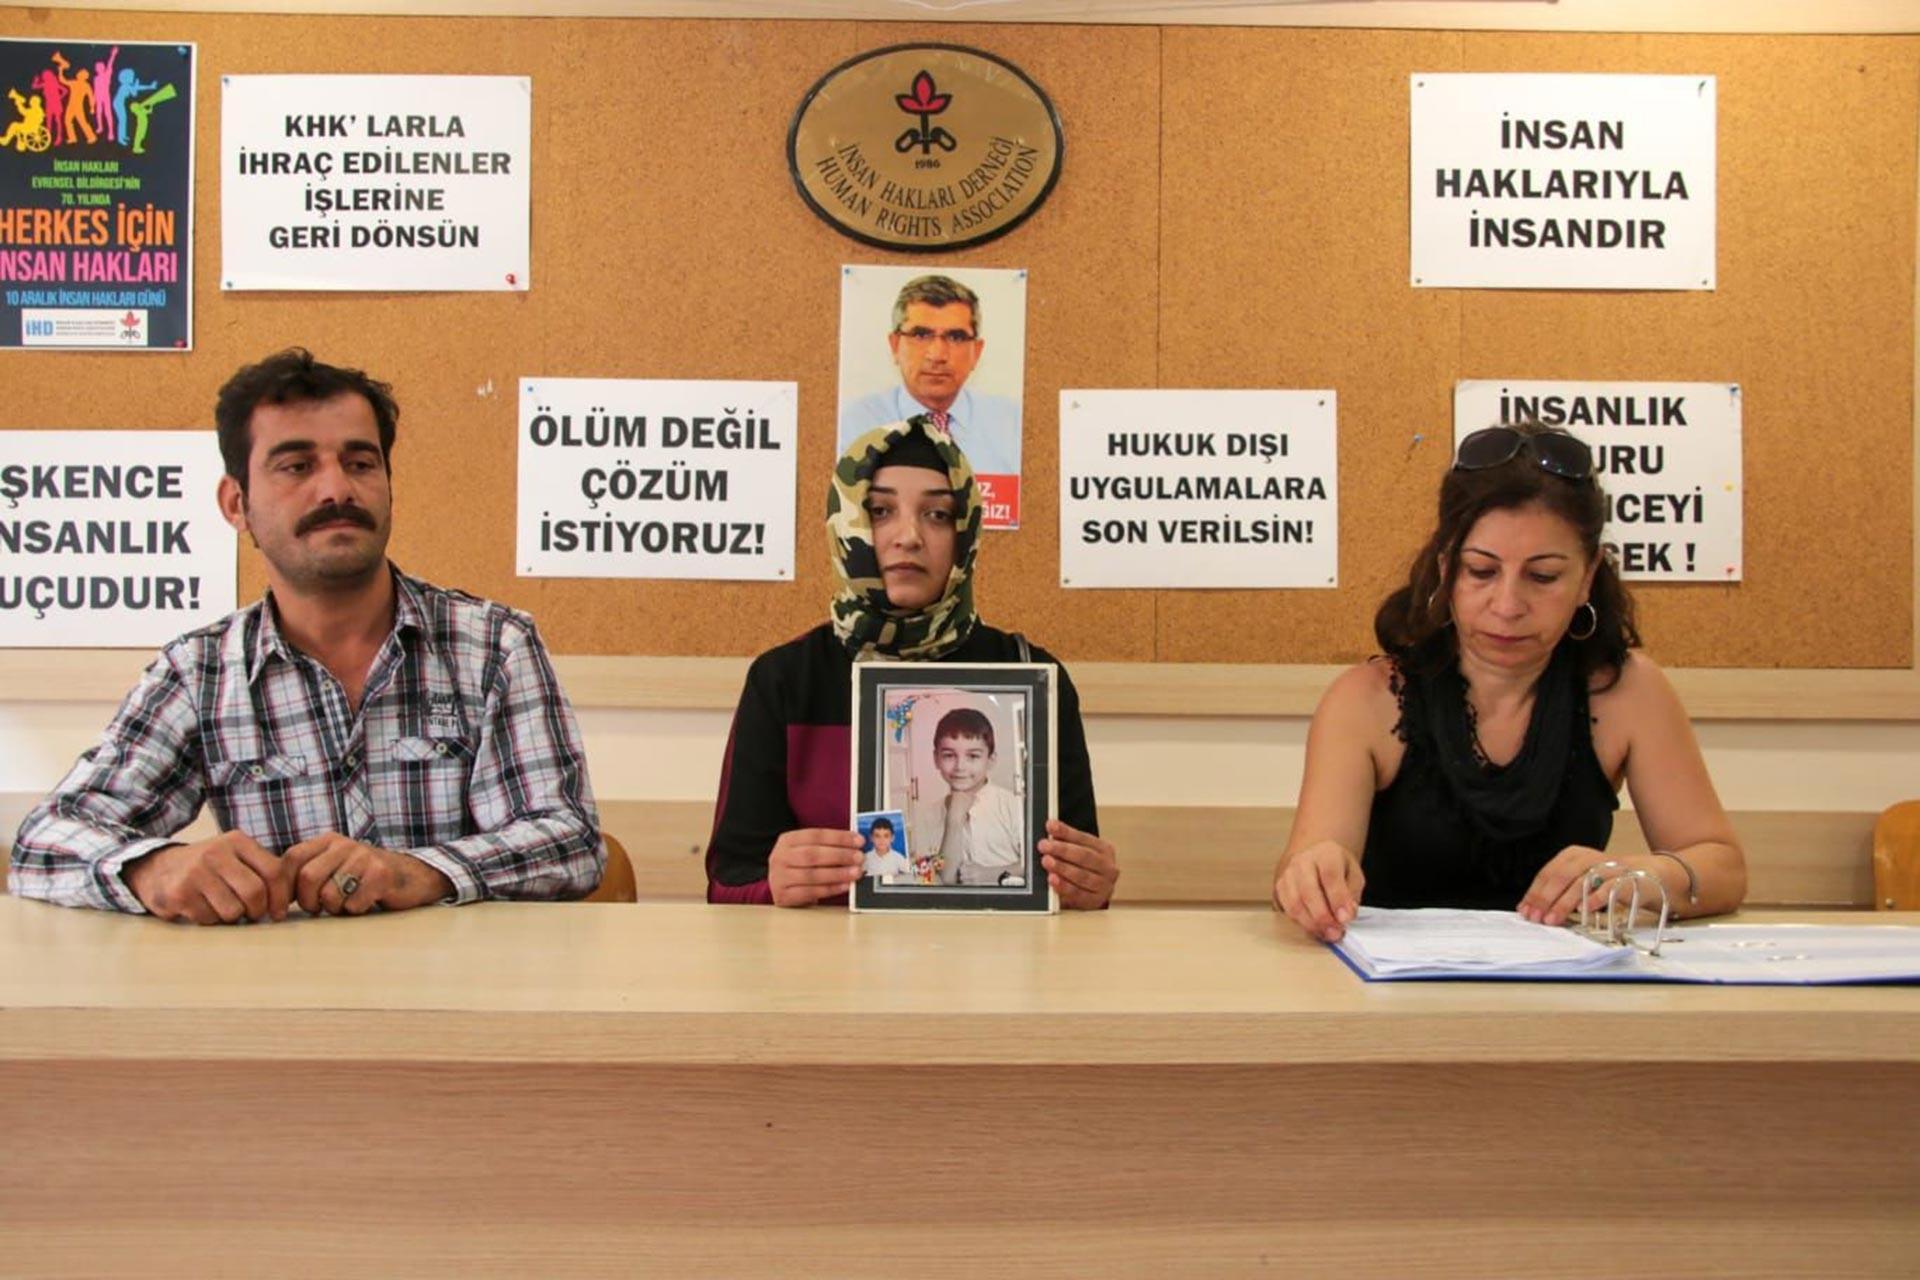 Hastanede ihmal iddiası | Anne Aydemir: Çocuğum neden öldü?